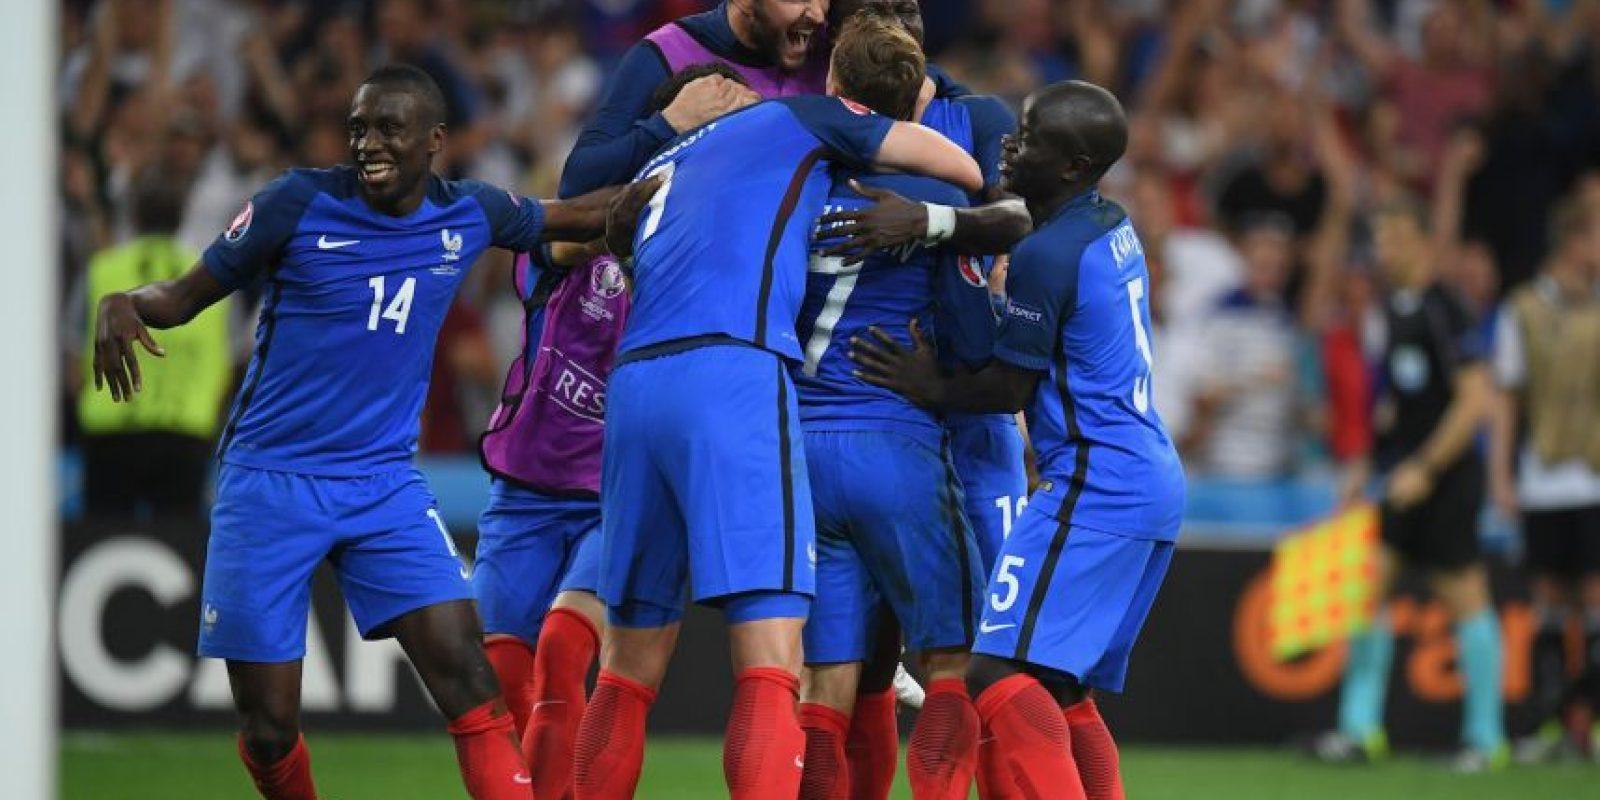 Francia quiere hacer valer su condición de local Foto:Getty Images. Imagen Por: